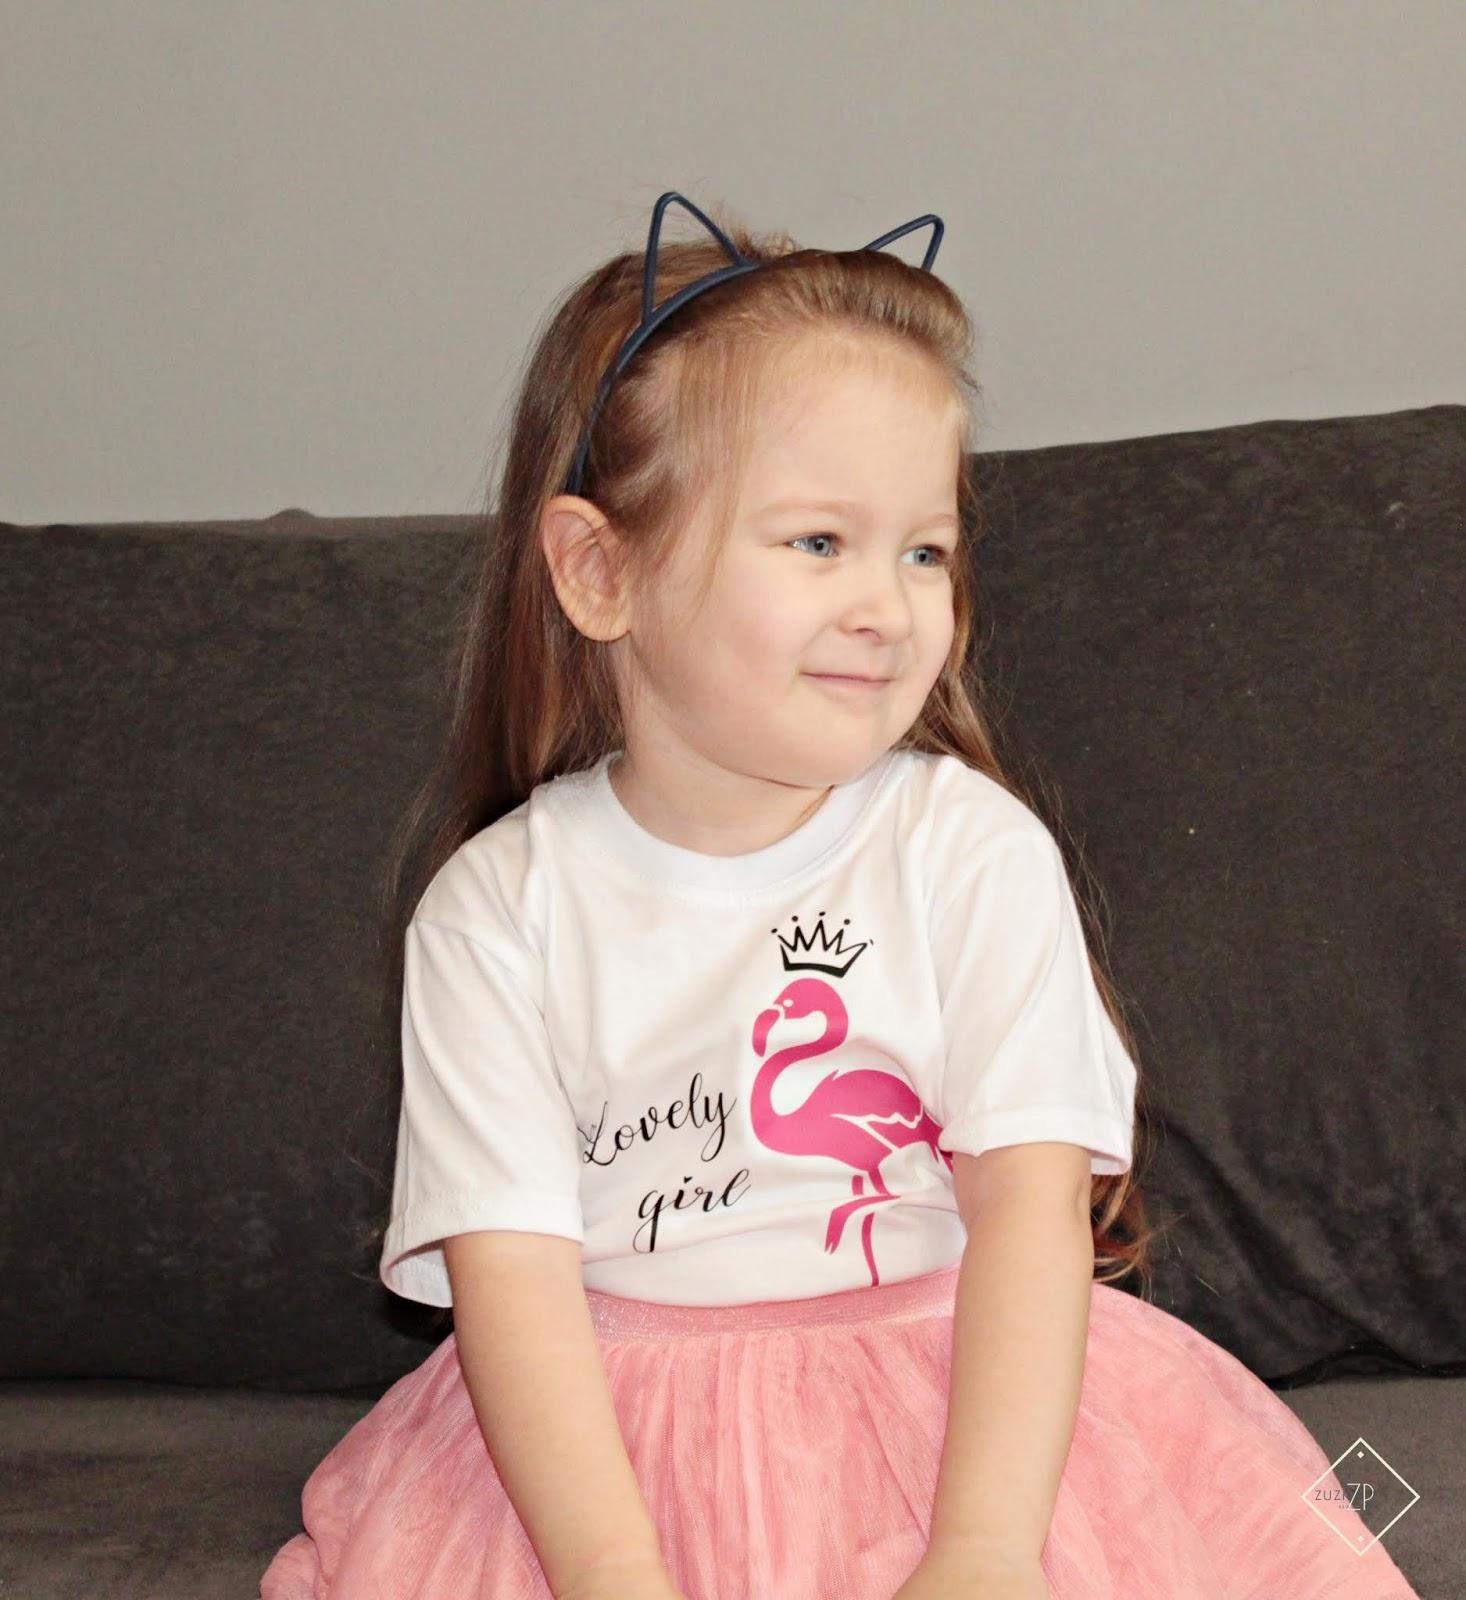 Koszulka Flaming z koroną Lovely girl moocha.pl